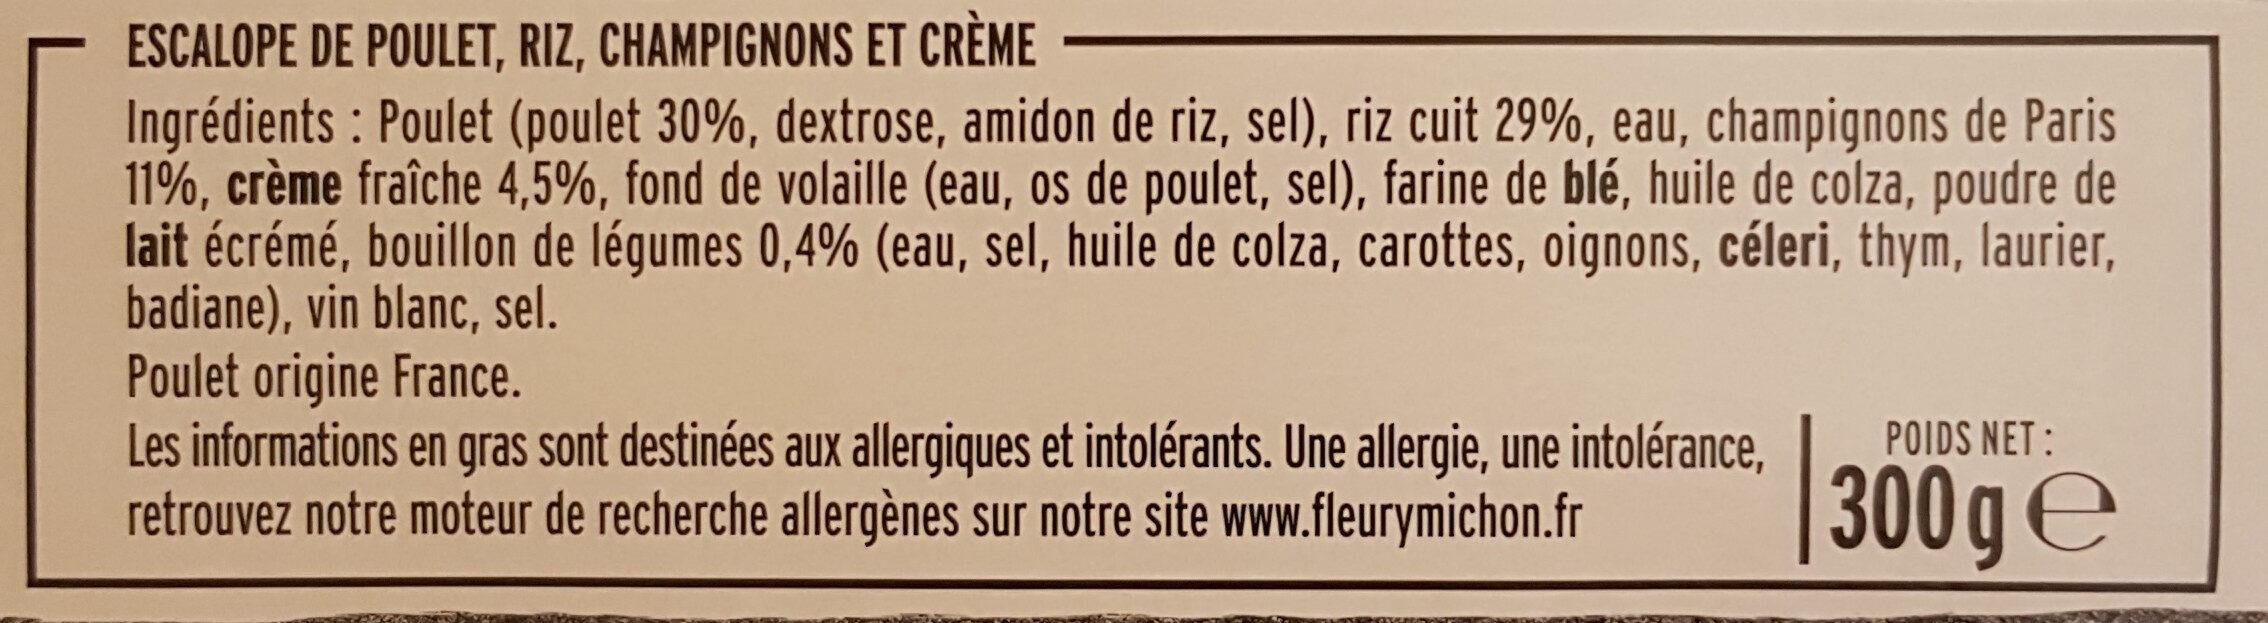 L'Escalope de Poulet à la Crème, Champignons et Riz - Ingrédients - fr